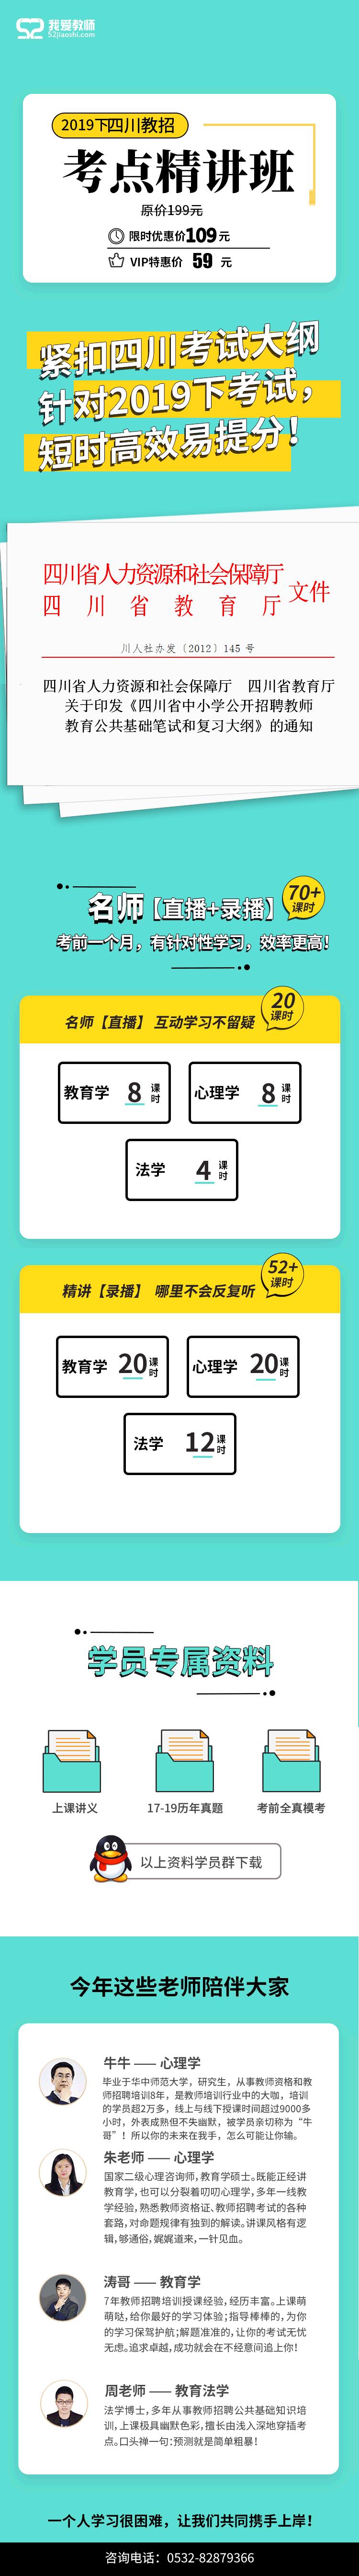 四川考点精讲109.png